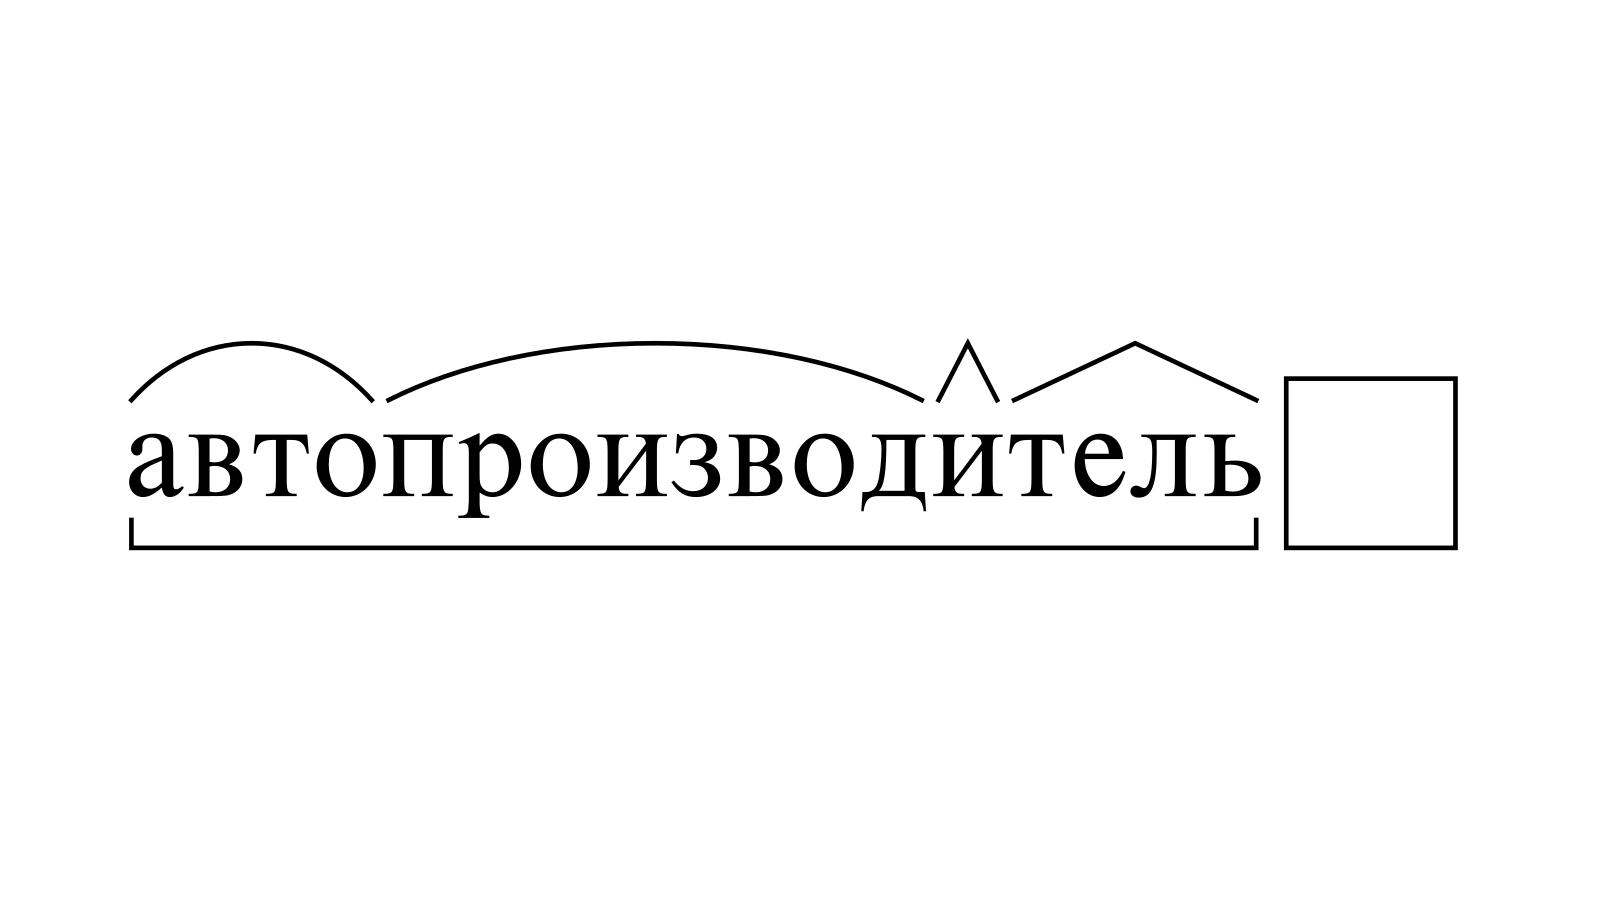 Разбор слова «автопроизводитель» по составу